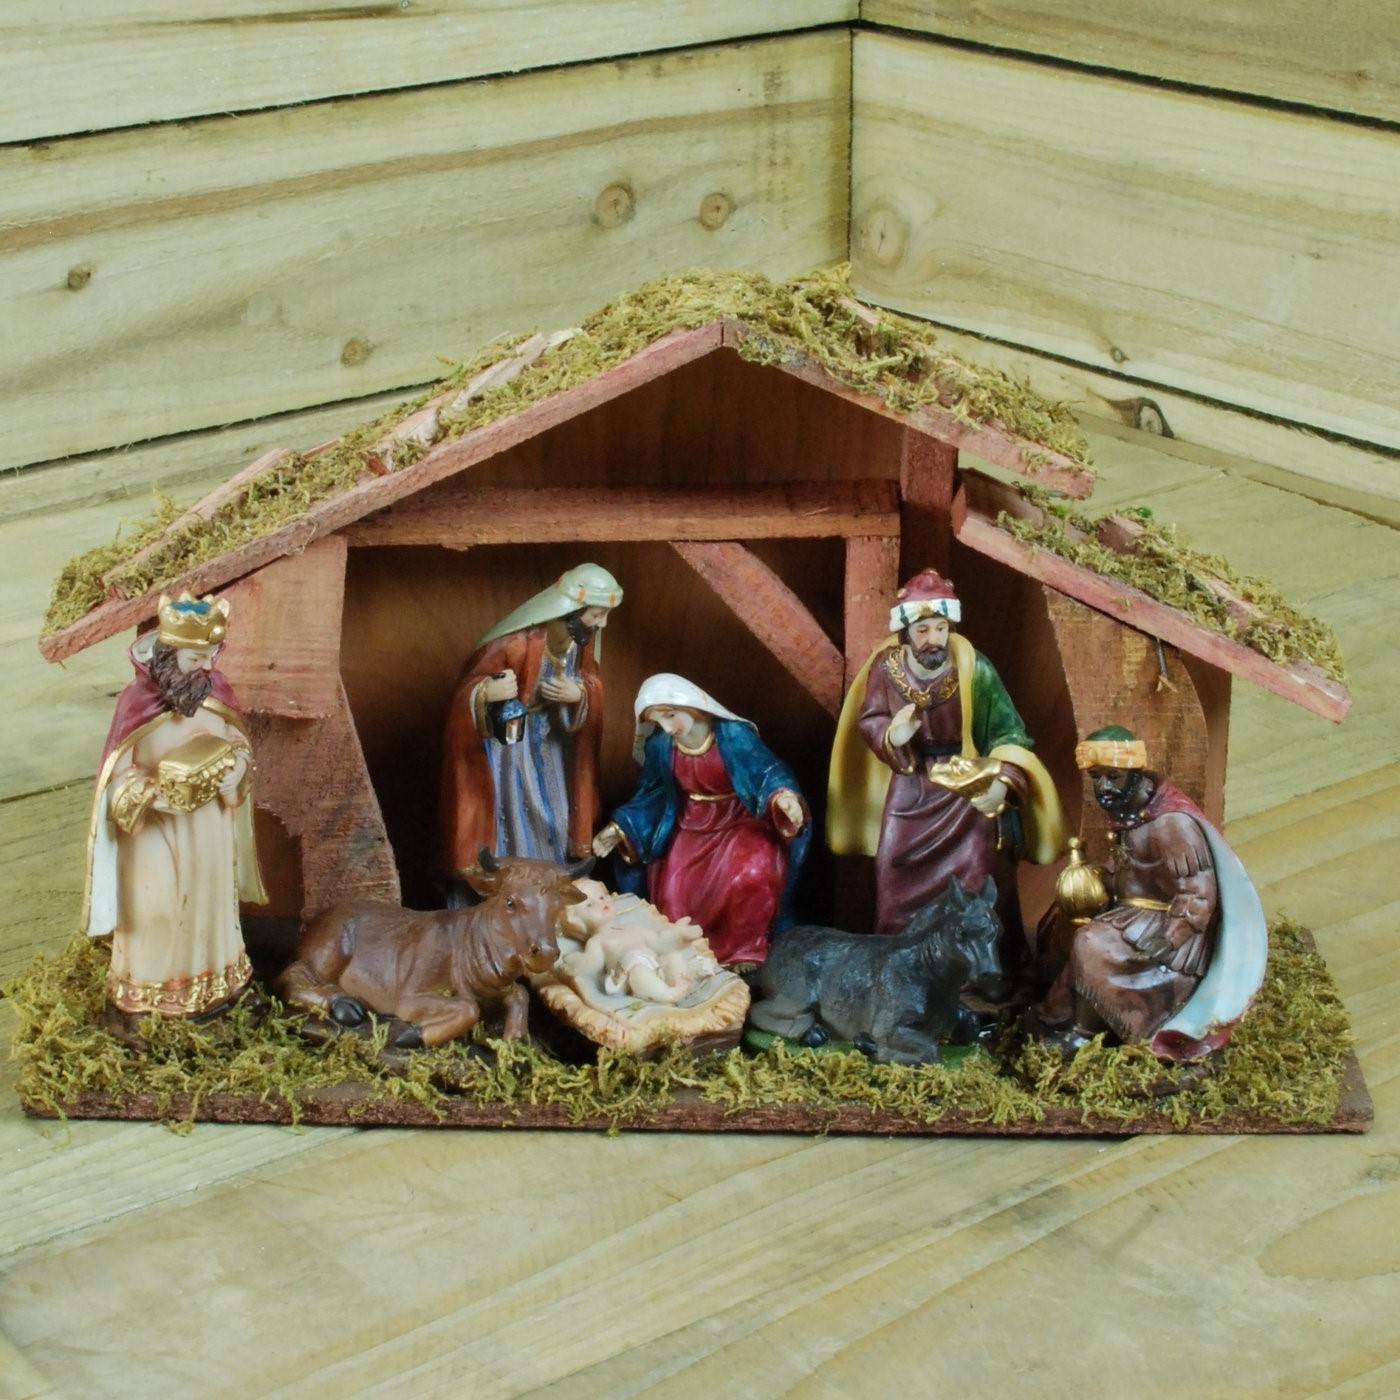 Crèche de Noël et santons.